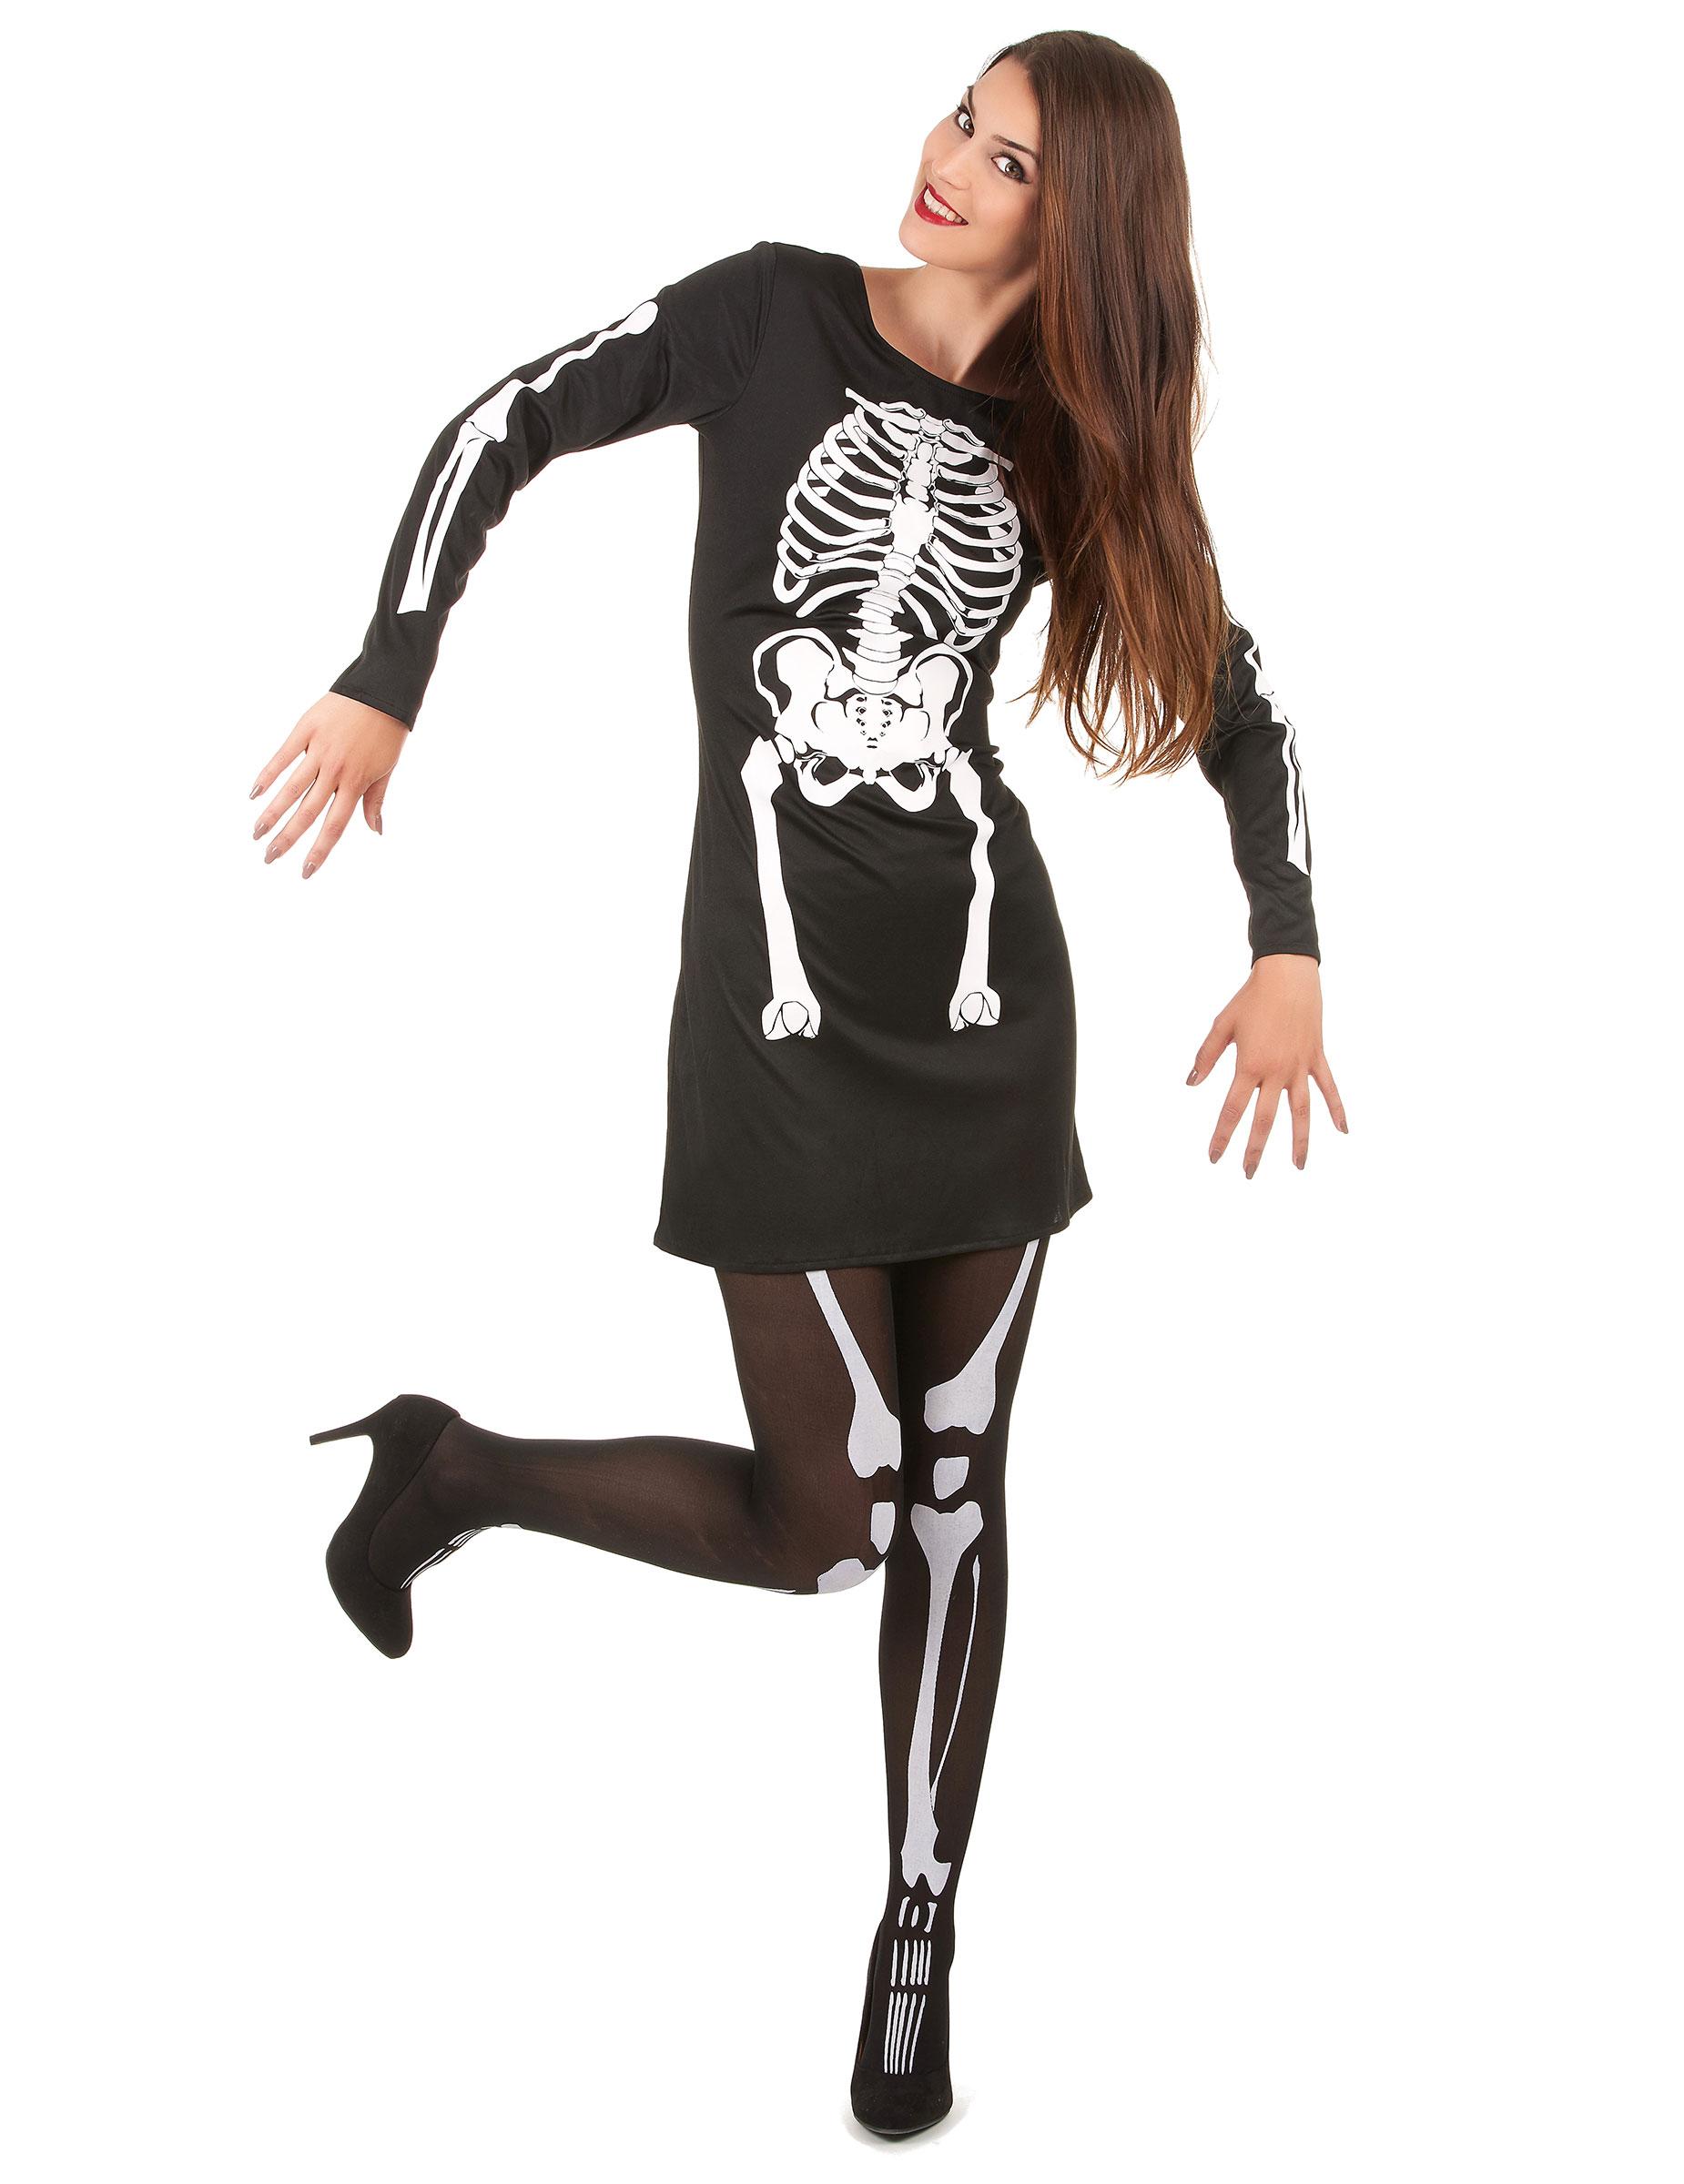 Disfraz Esqueleto Guantes adulto, Tallas: M, L